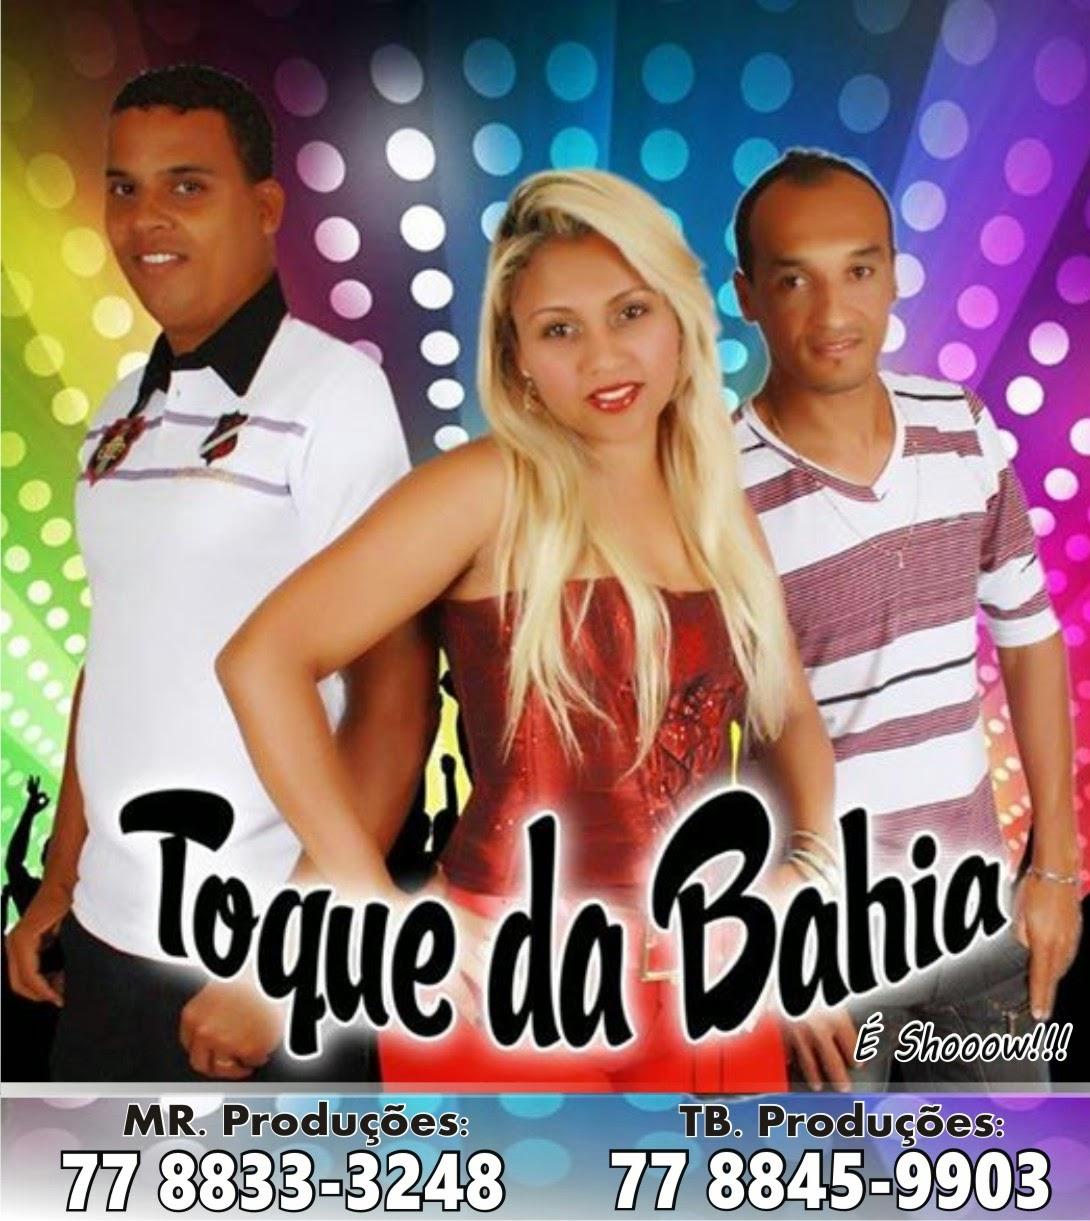 TOQUE DA BAHIA